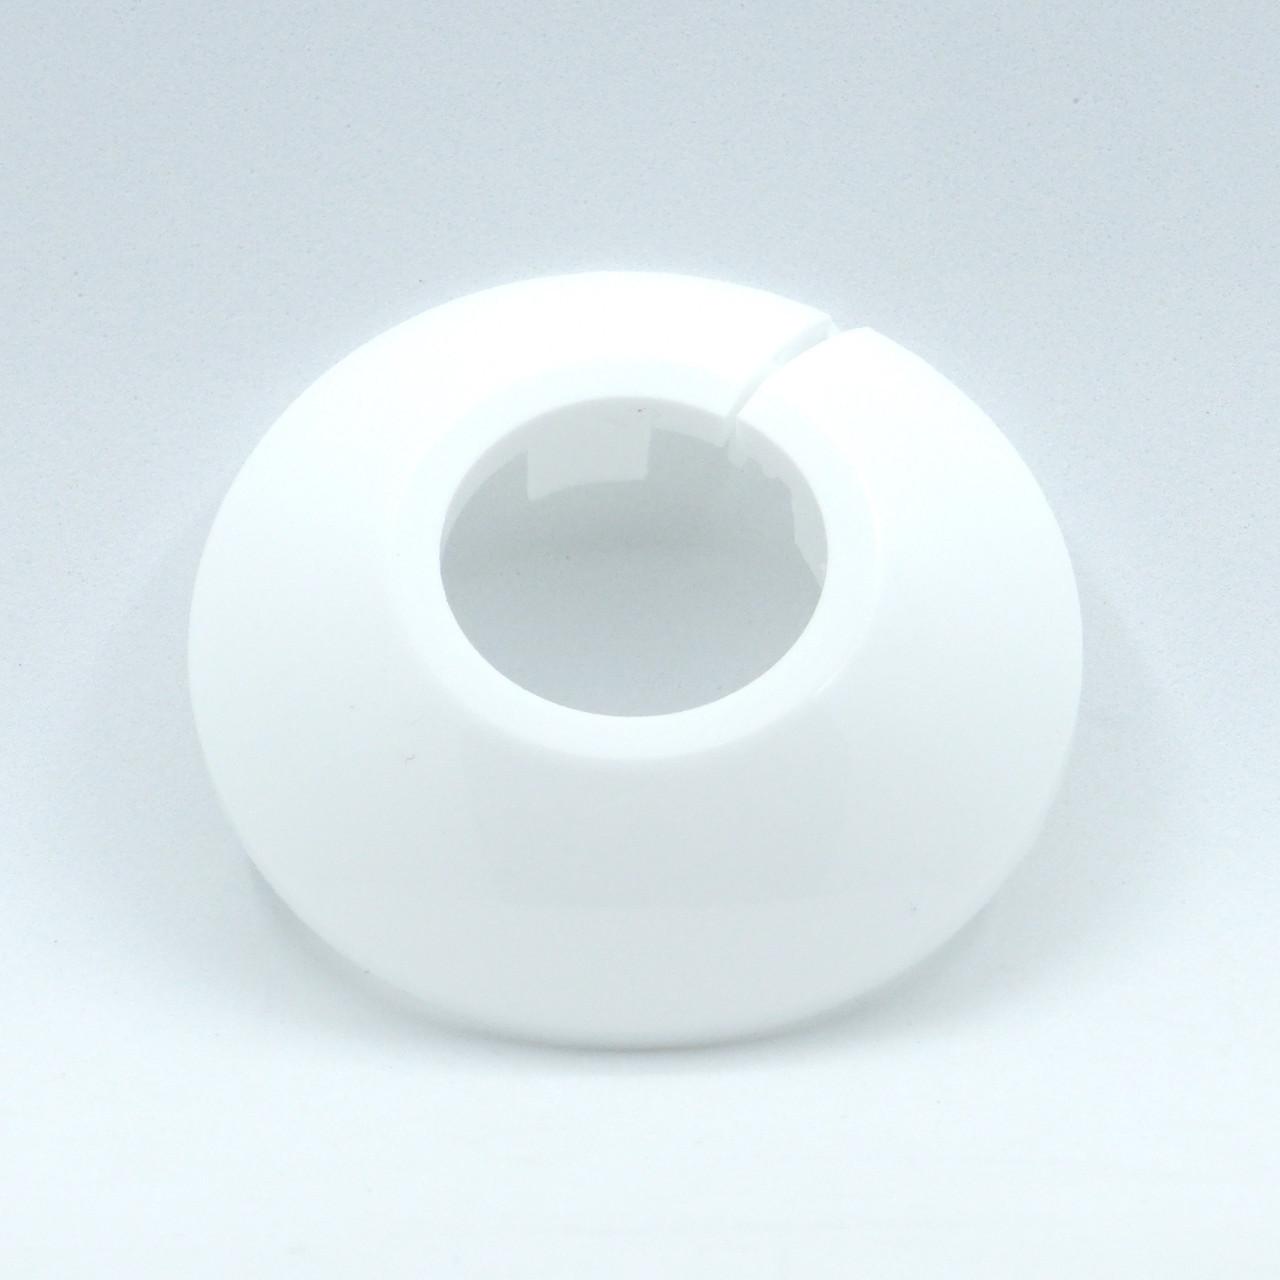 Обвод труб для натяжных потолков - 27 мм, декоративный